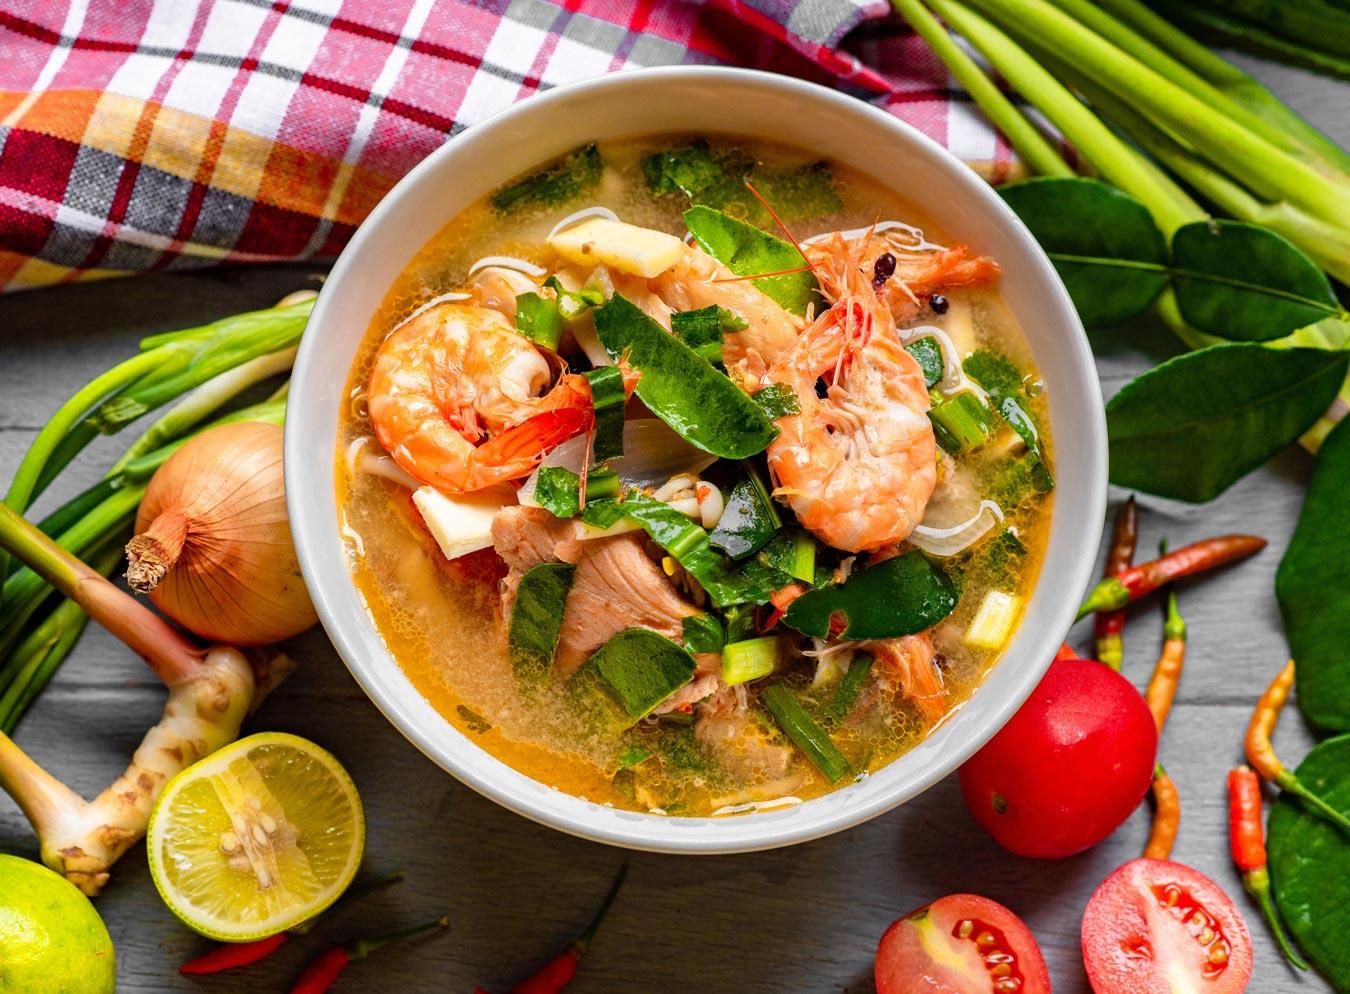 タイ政府は今年、トムヤムクンの無形文化遺産登録を目指している。トムヤムクンは、世界的にも知名度が高い、中部の川や運河沿いの農業コミュニティから生まれたタイの国民的料理。